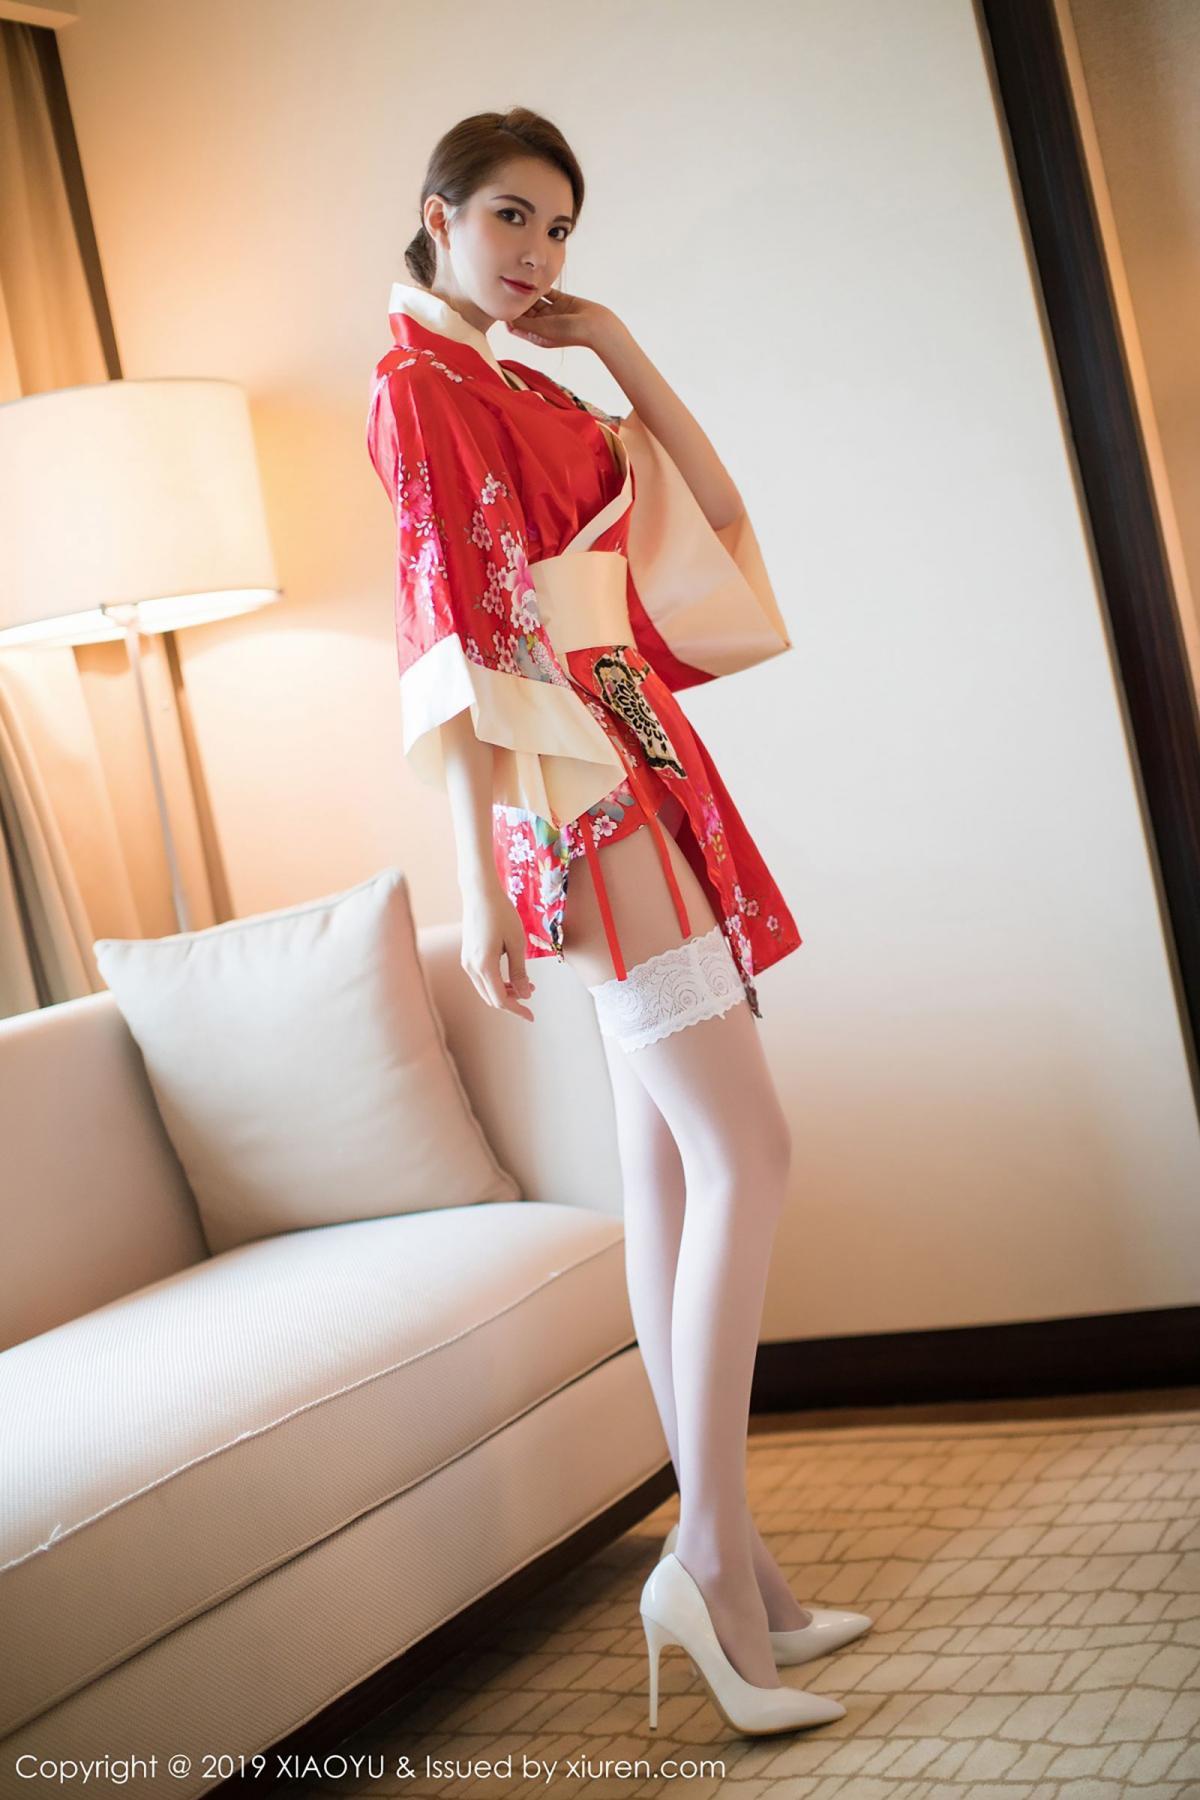 [XiaoYu] Vol.014 Chen Liang Ling 9P, Chen Liang Ling, Kimono, Tall, XiaoYu